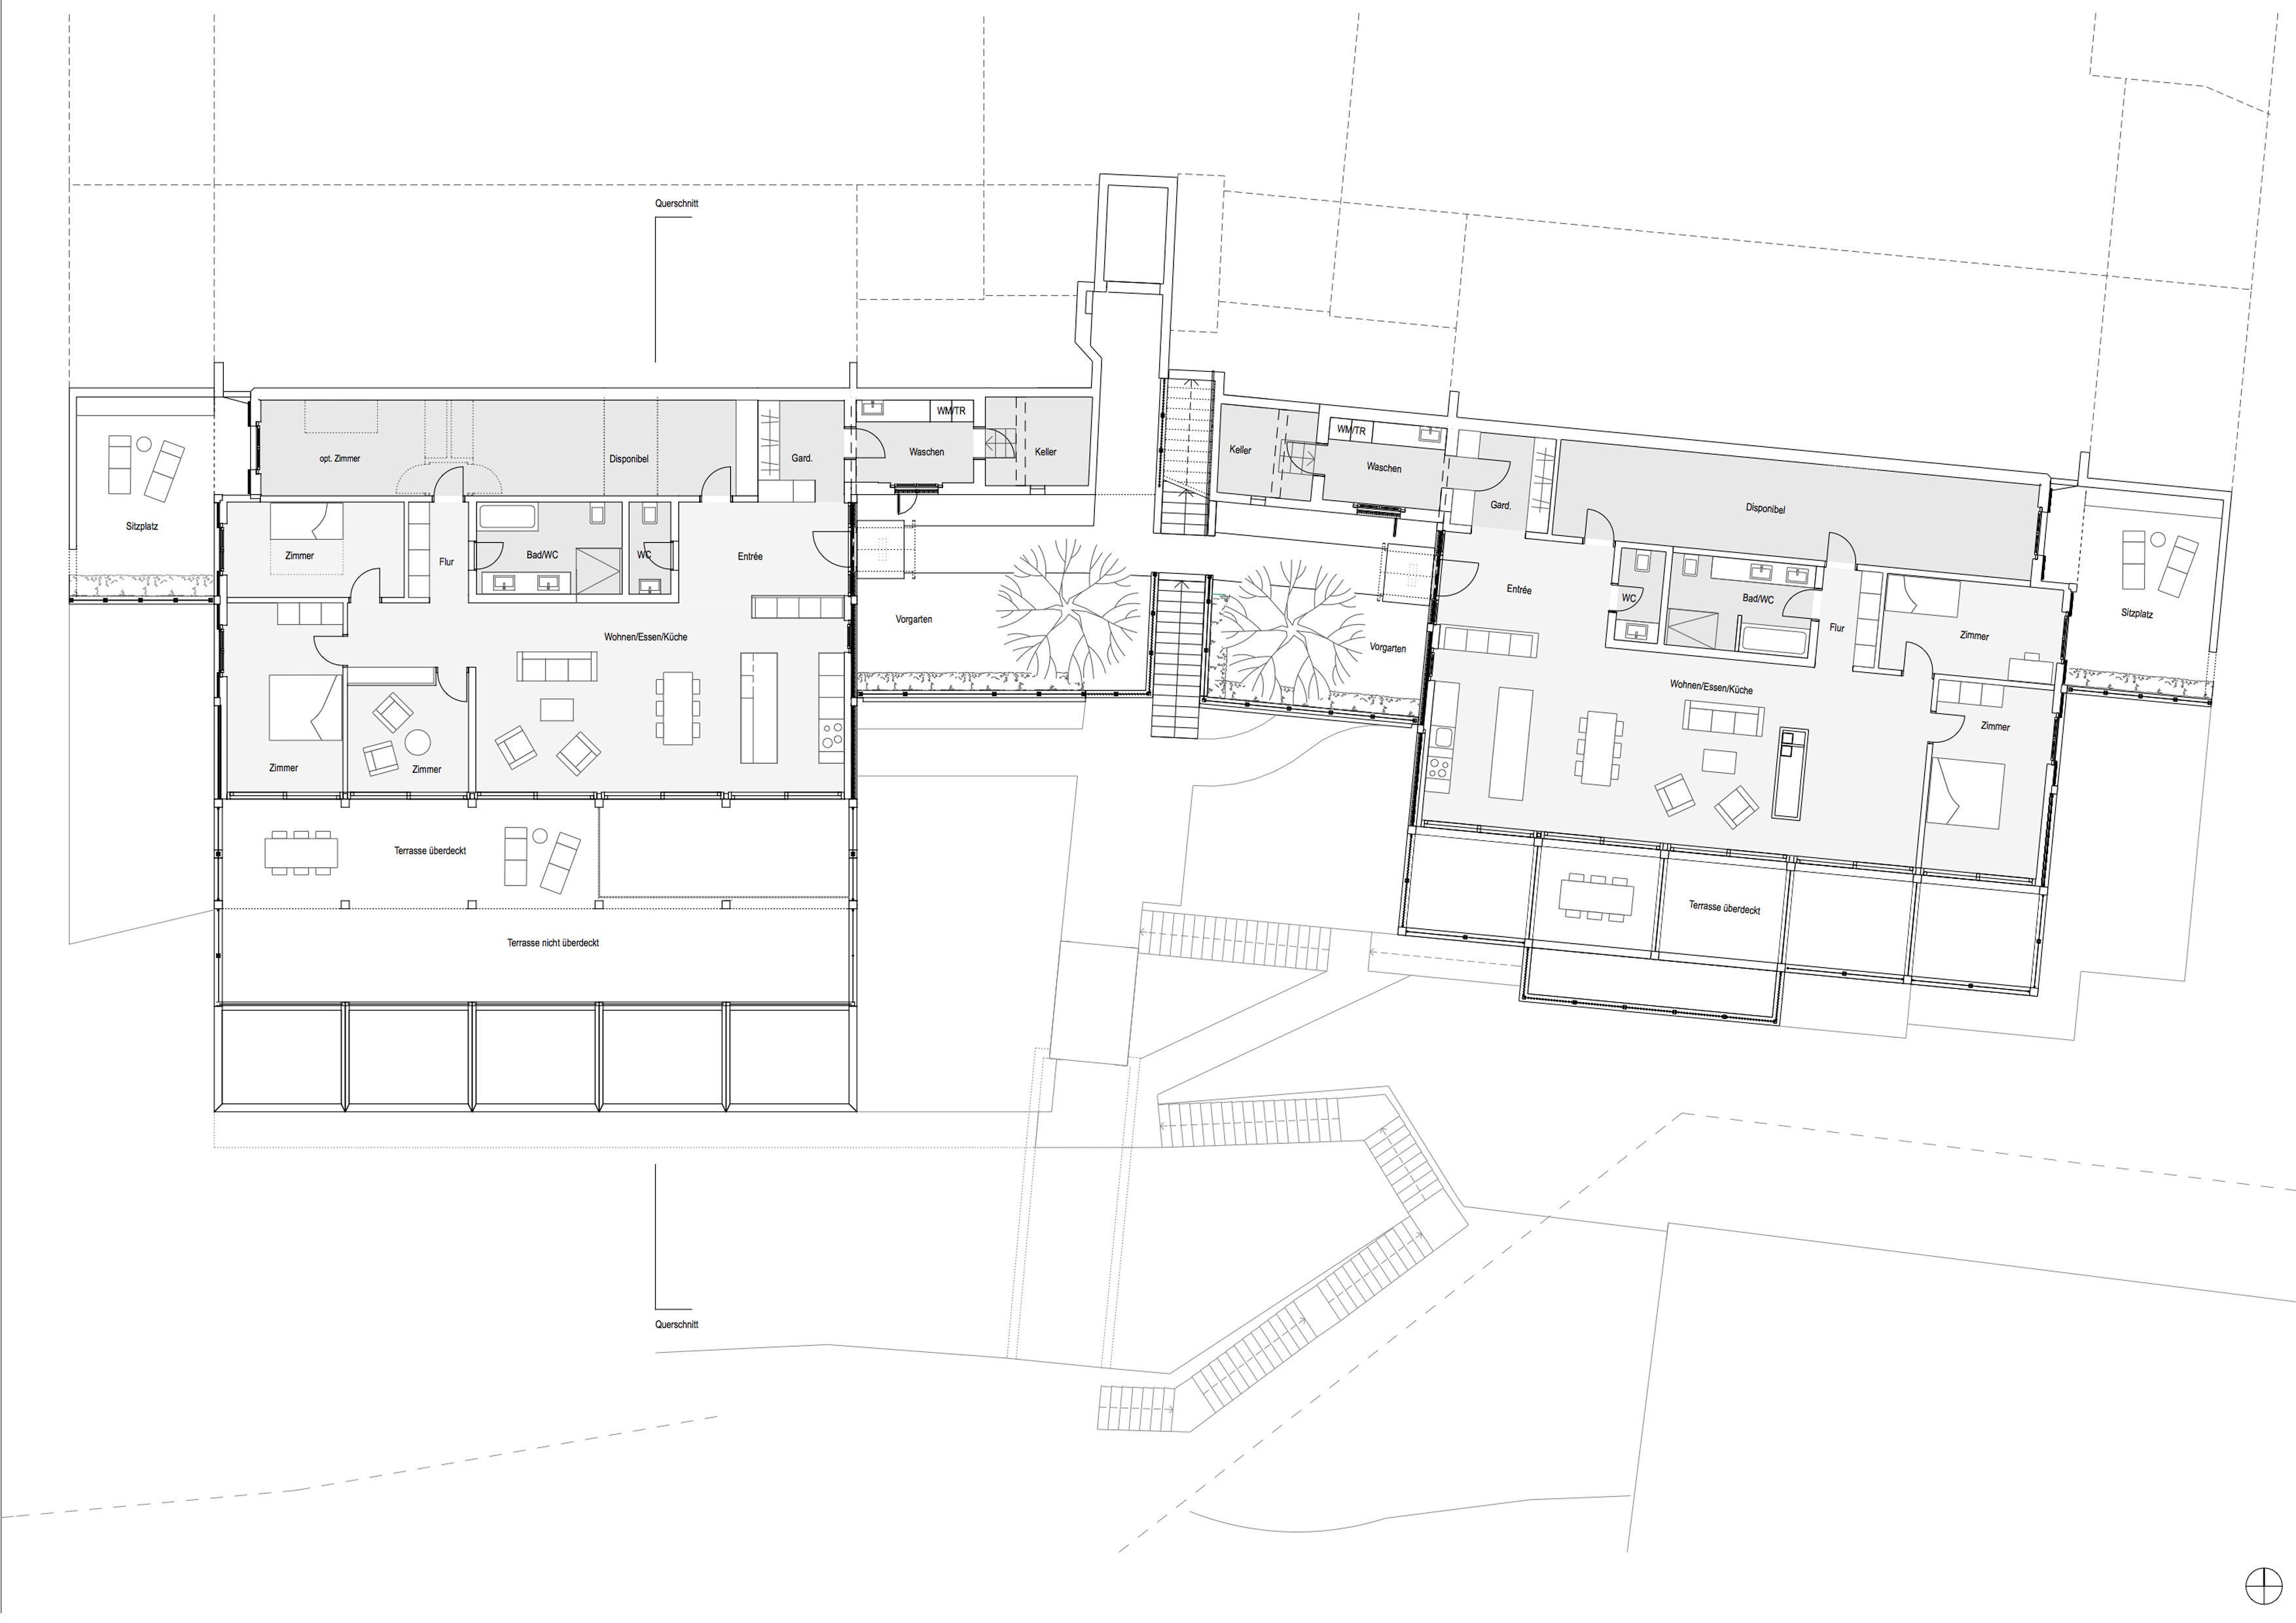 Terrassenhäuser Schillerrain, Eggenspieler Architekten AG